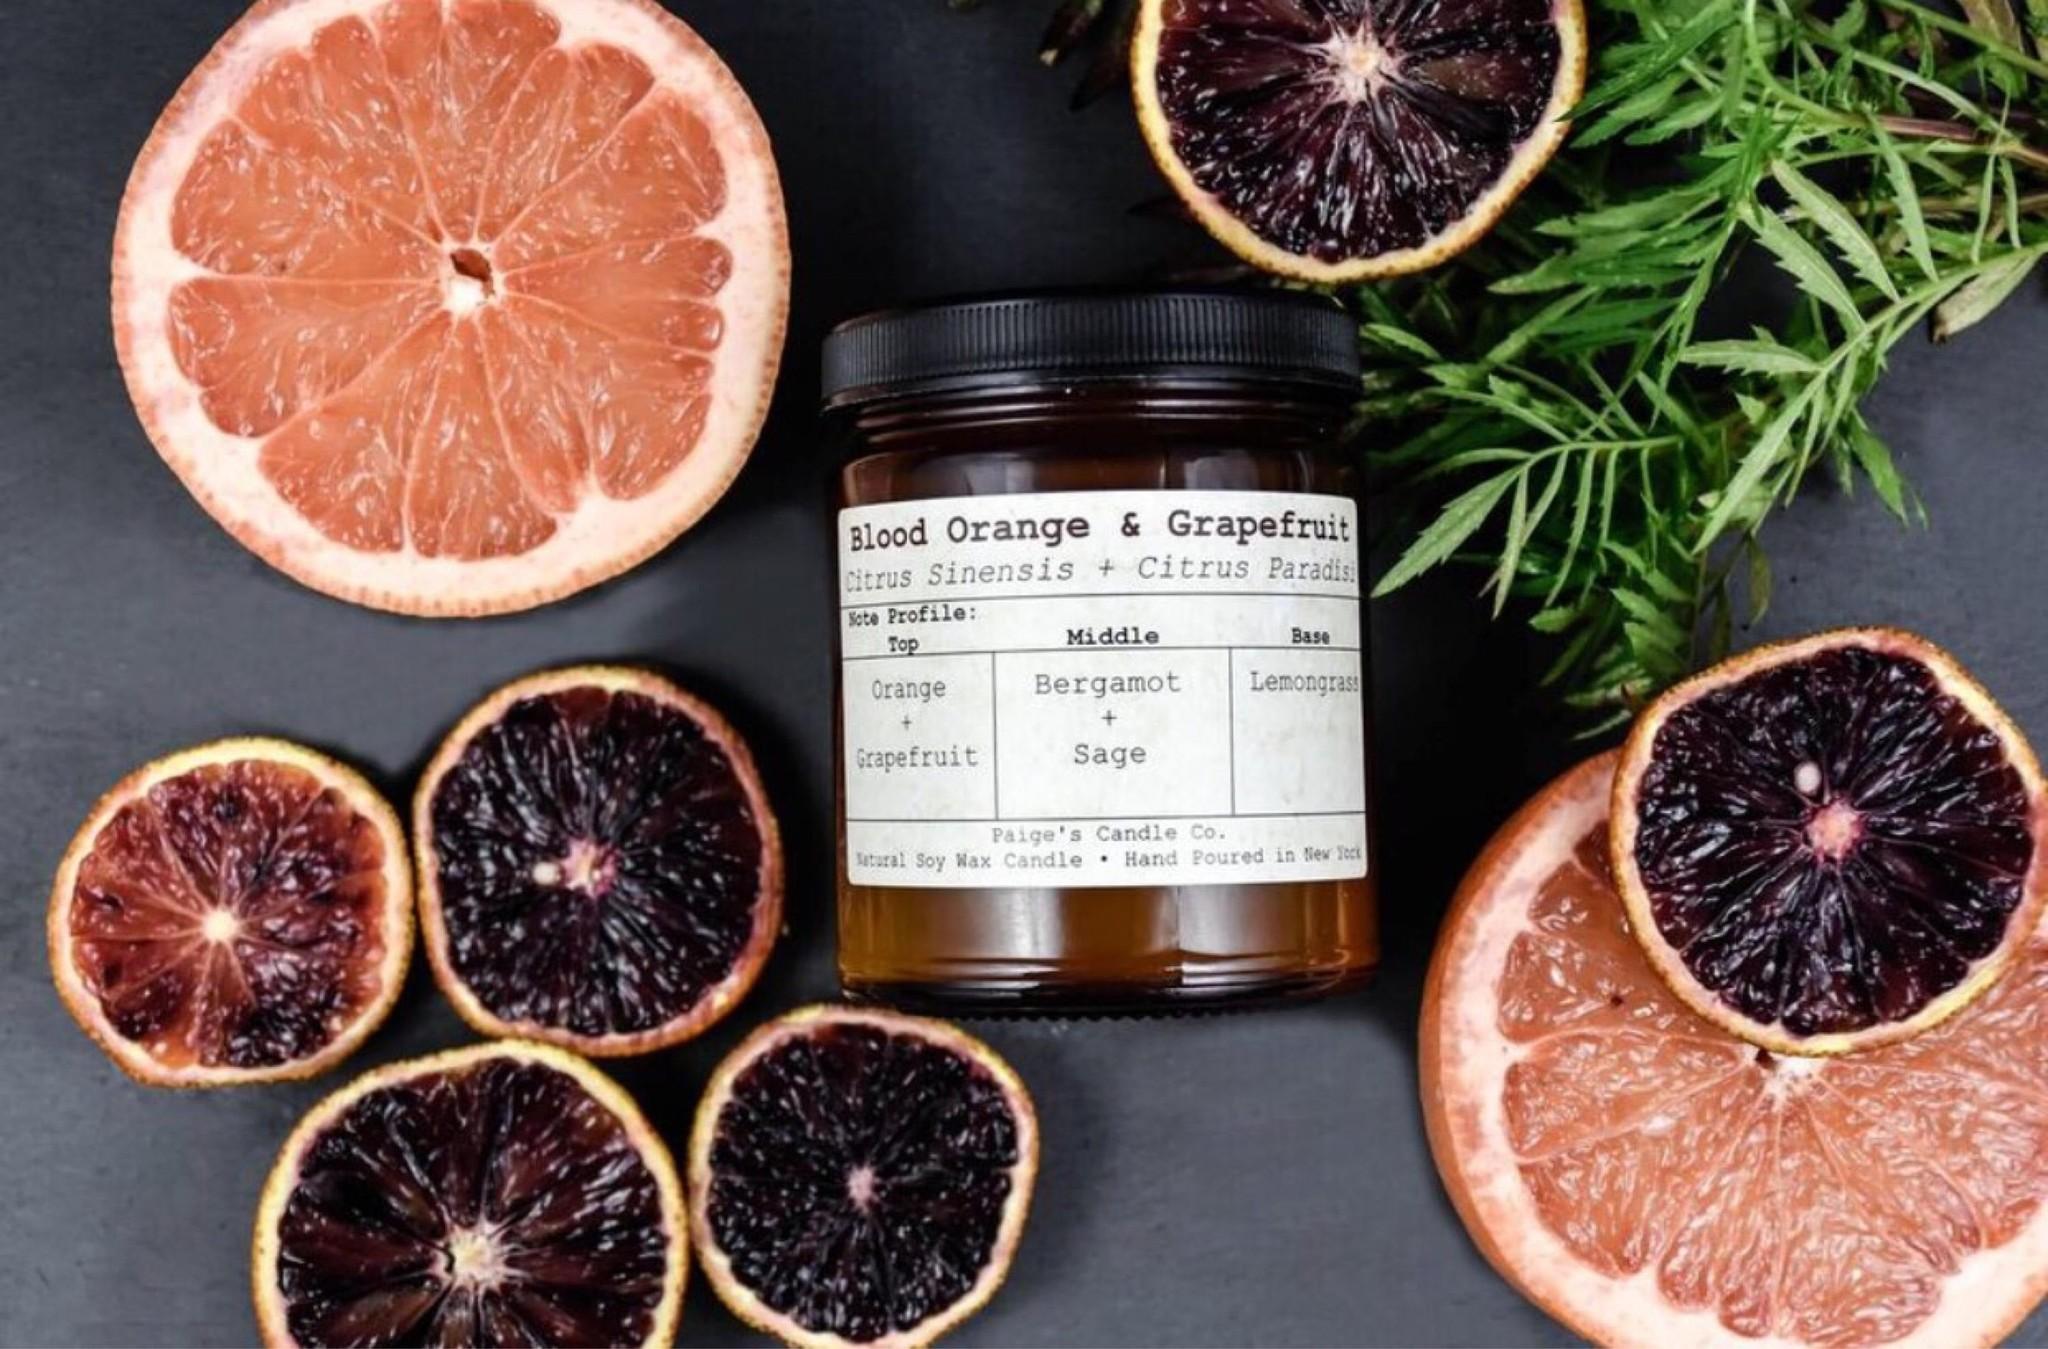 Paige's Candles Paige Blood Orange & Grapefruit